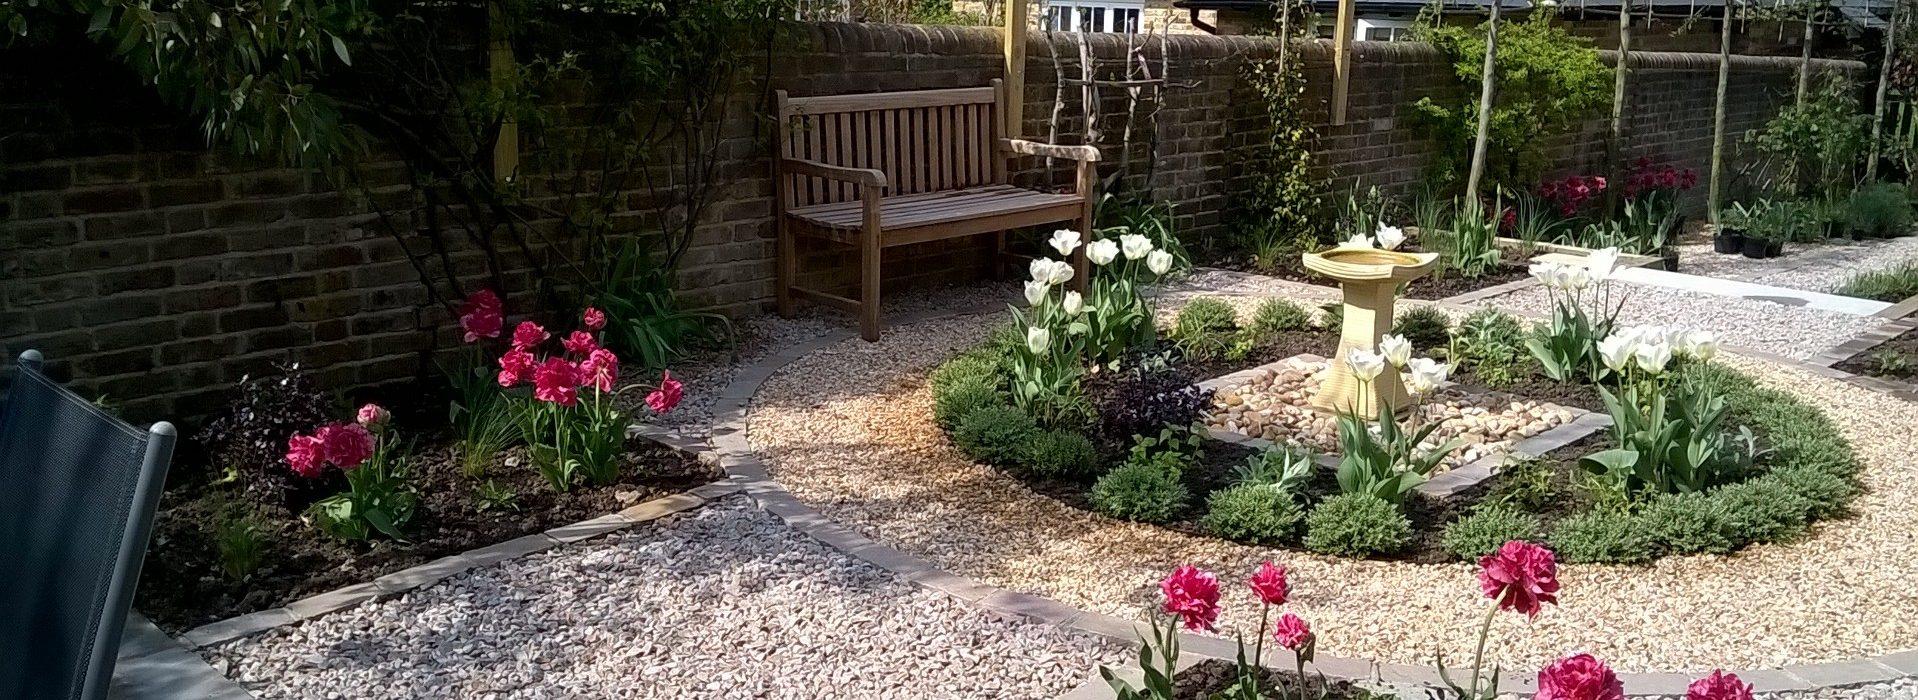 Gravel Garden Desin